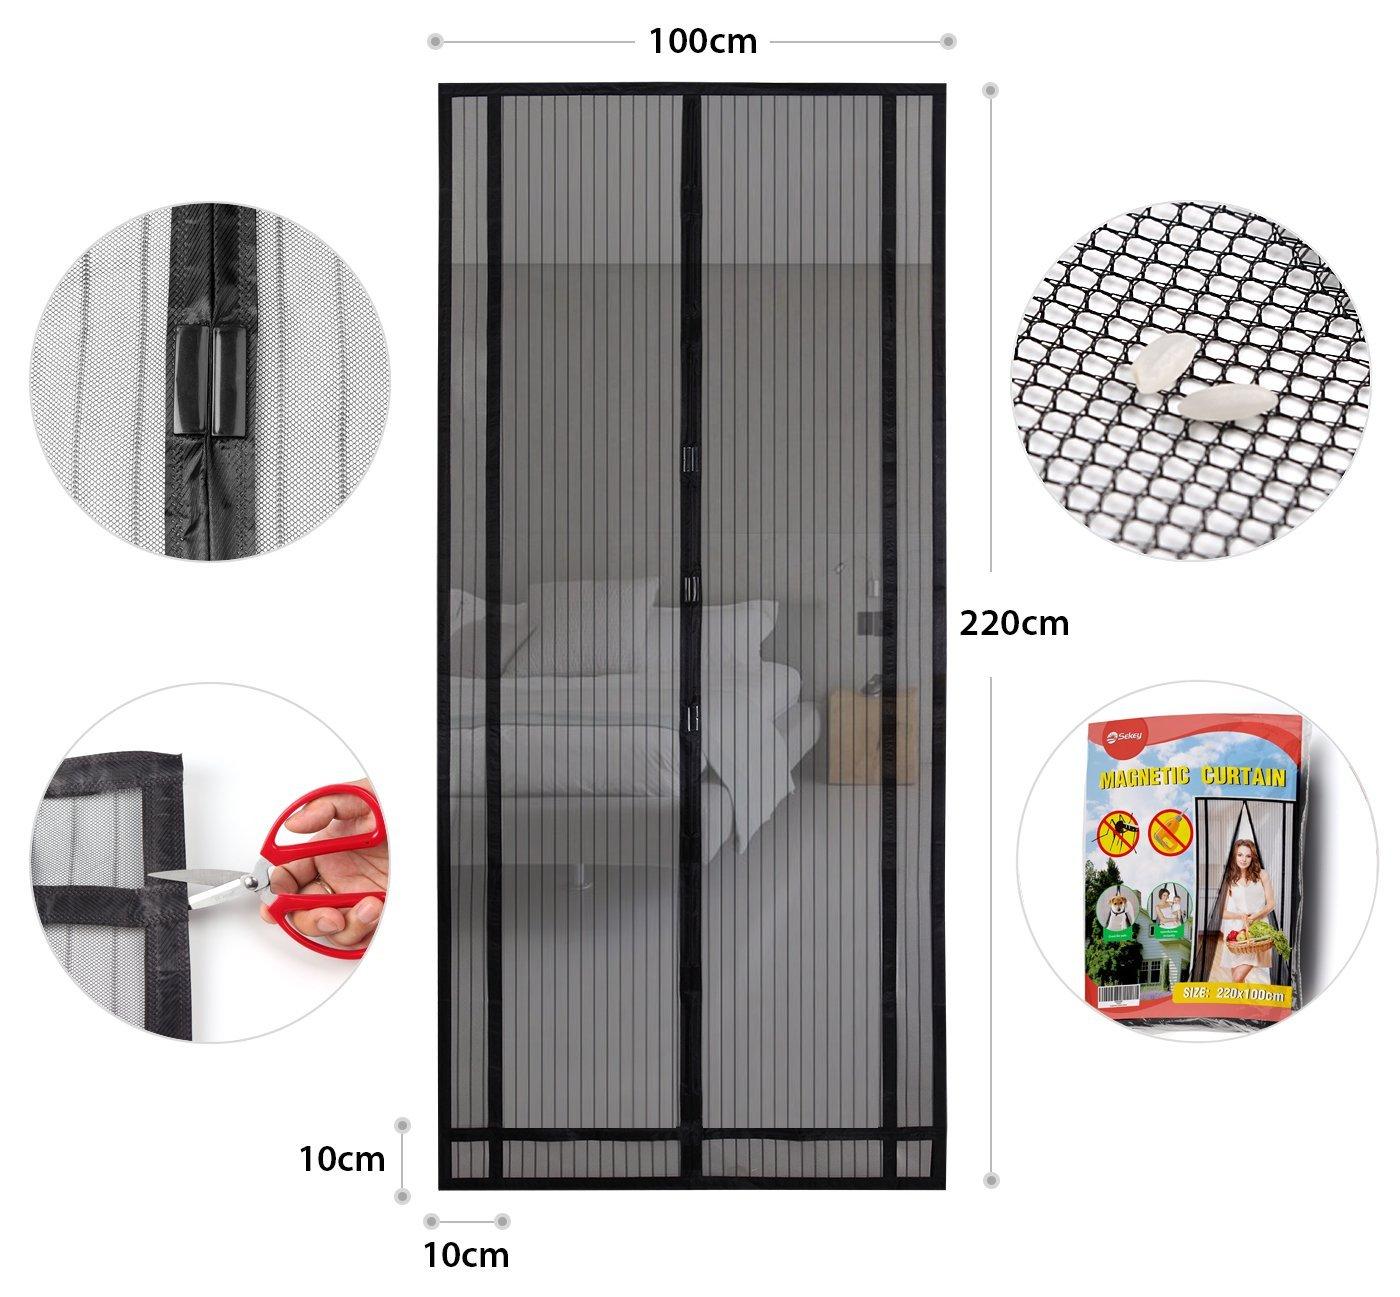 moskitonetz f r t r fliegengitter fliegennetz insektenschutz magnetverschluss ebay. Black Bedroom Furniture Sets. Home Design Ideas